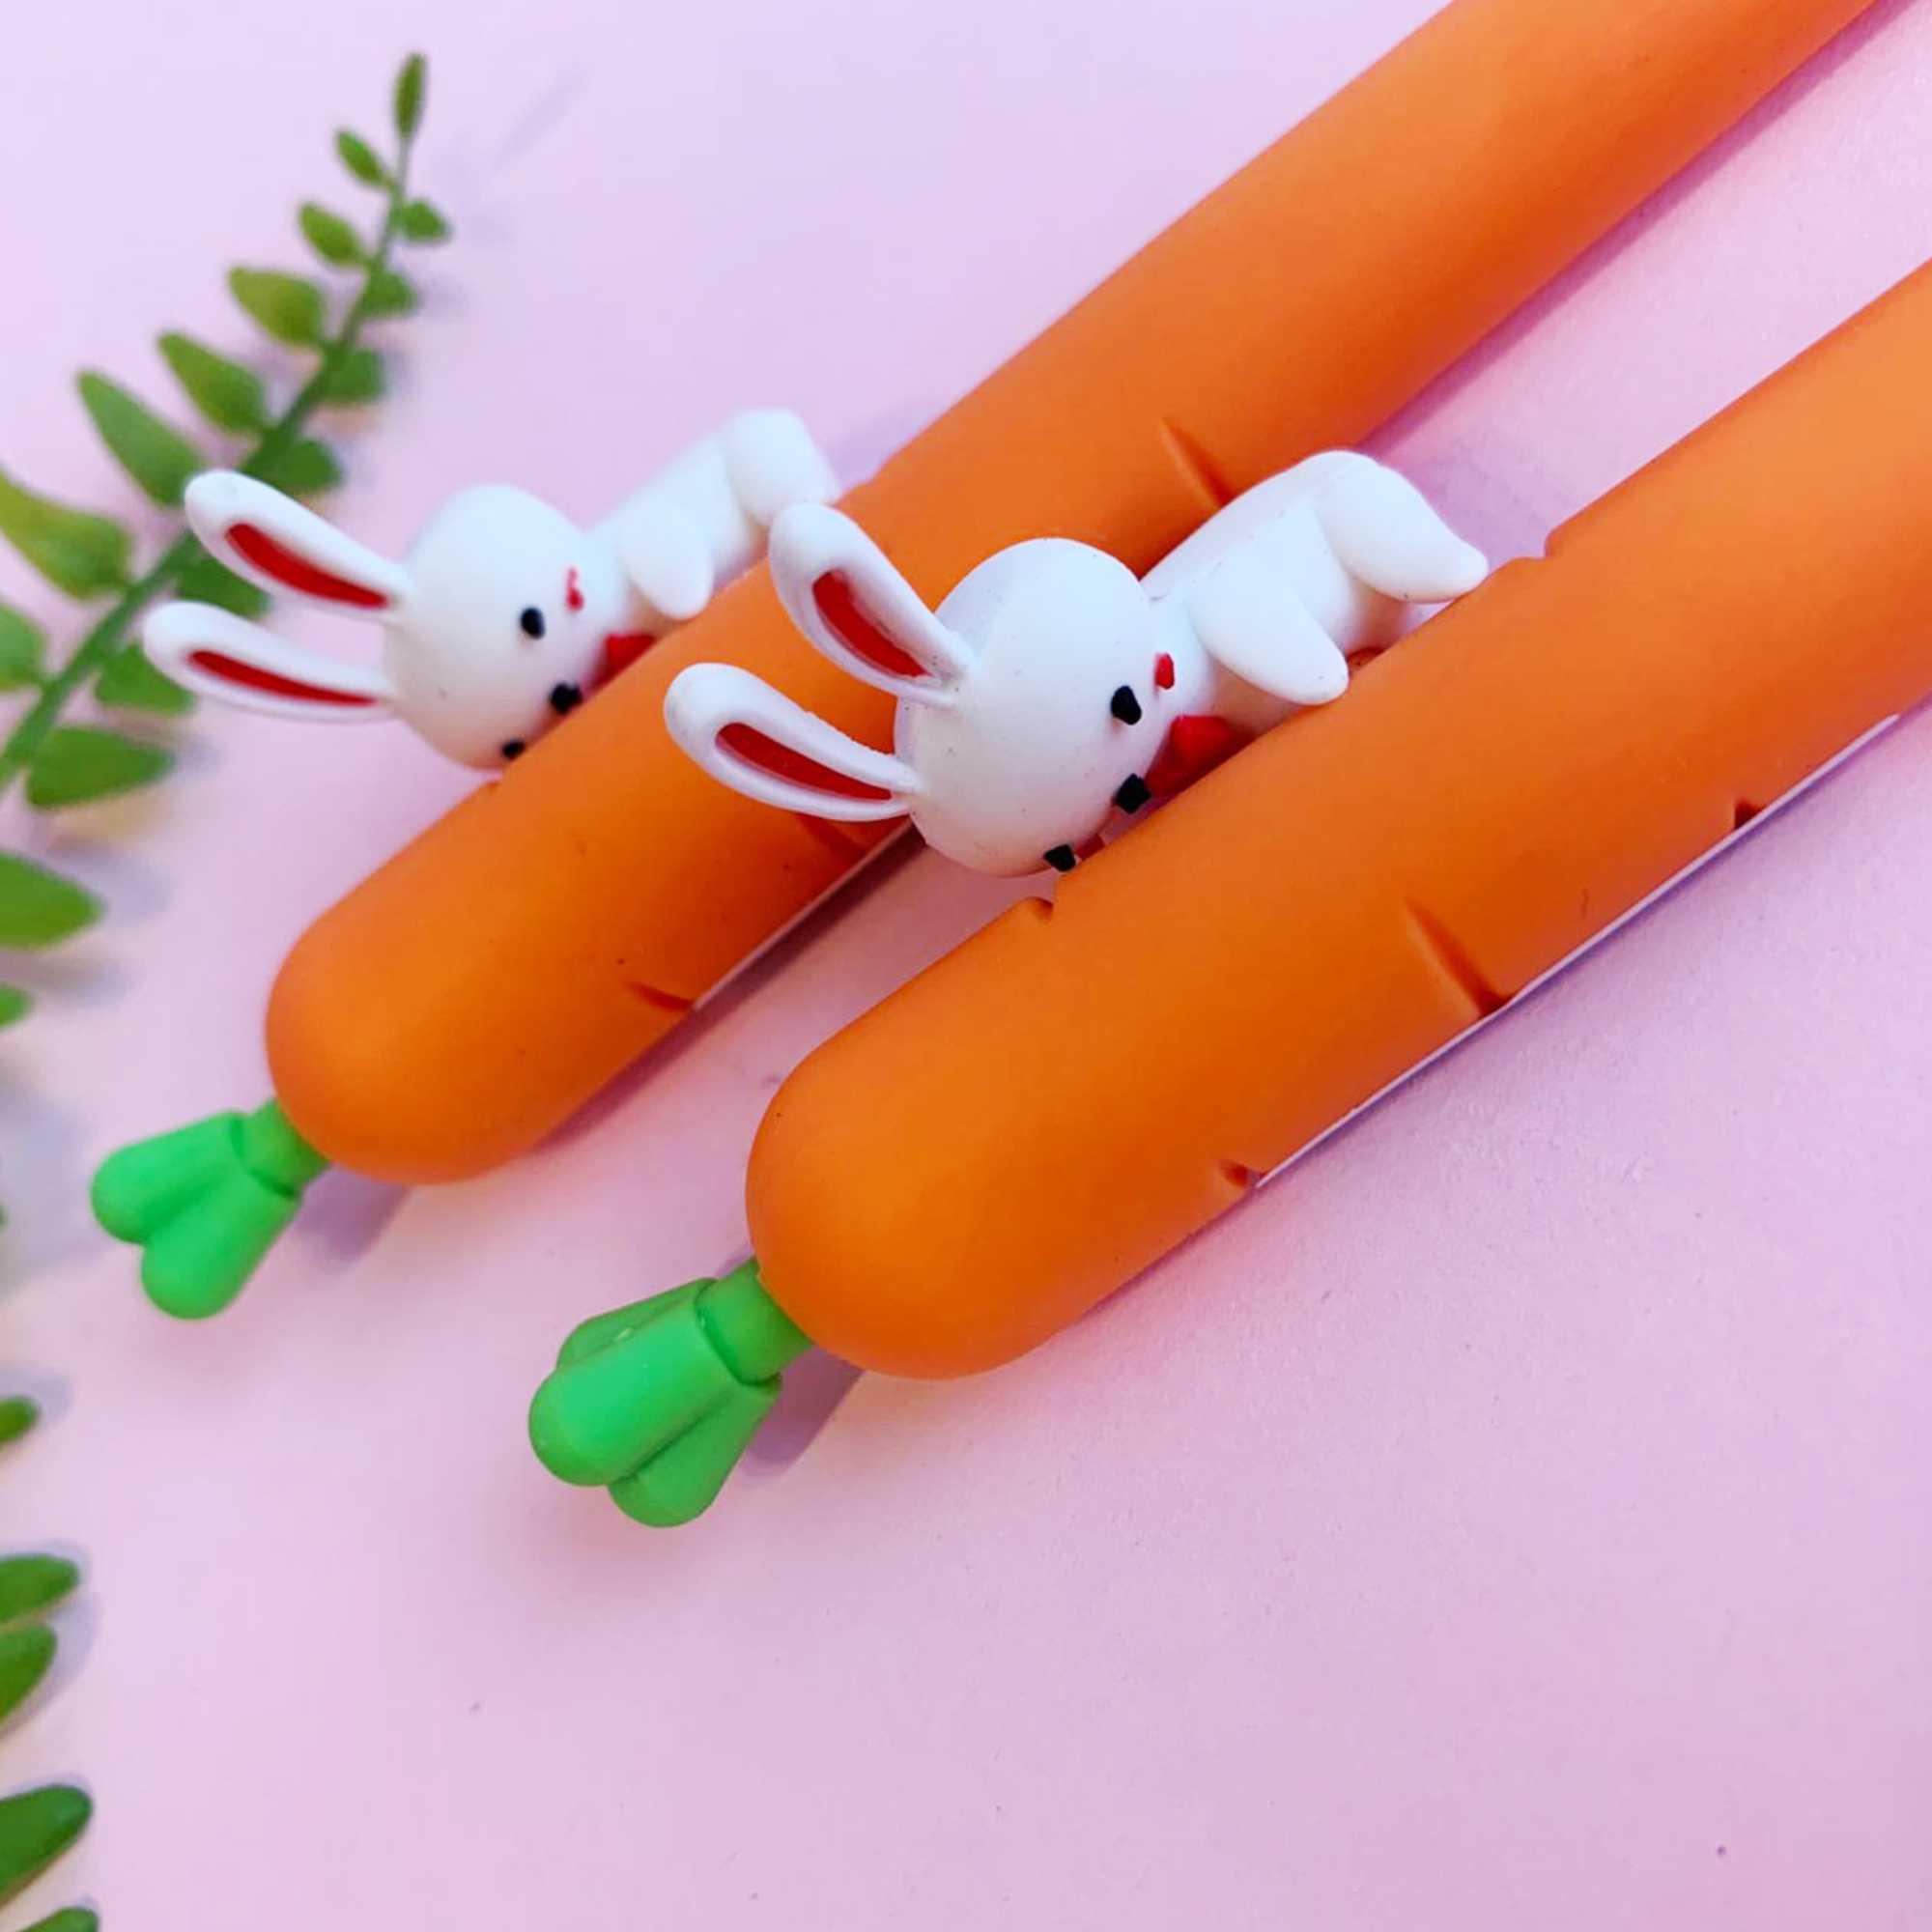 Lapiseira 0.7mm Cenoura | Tilibra